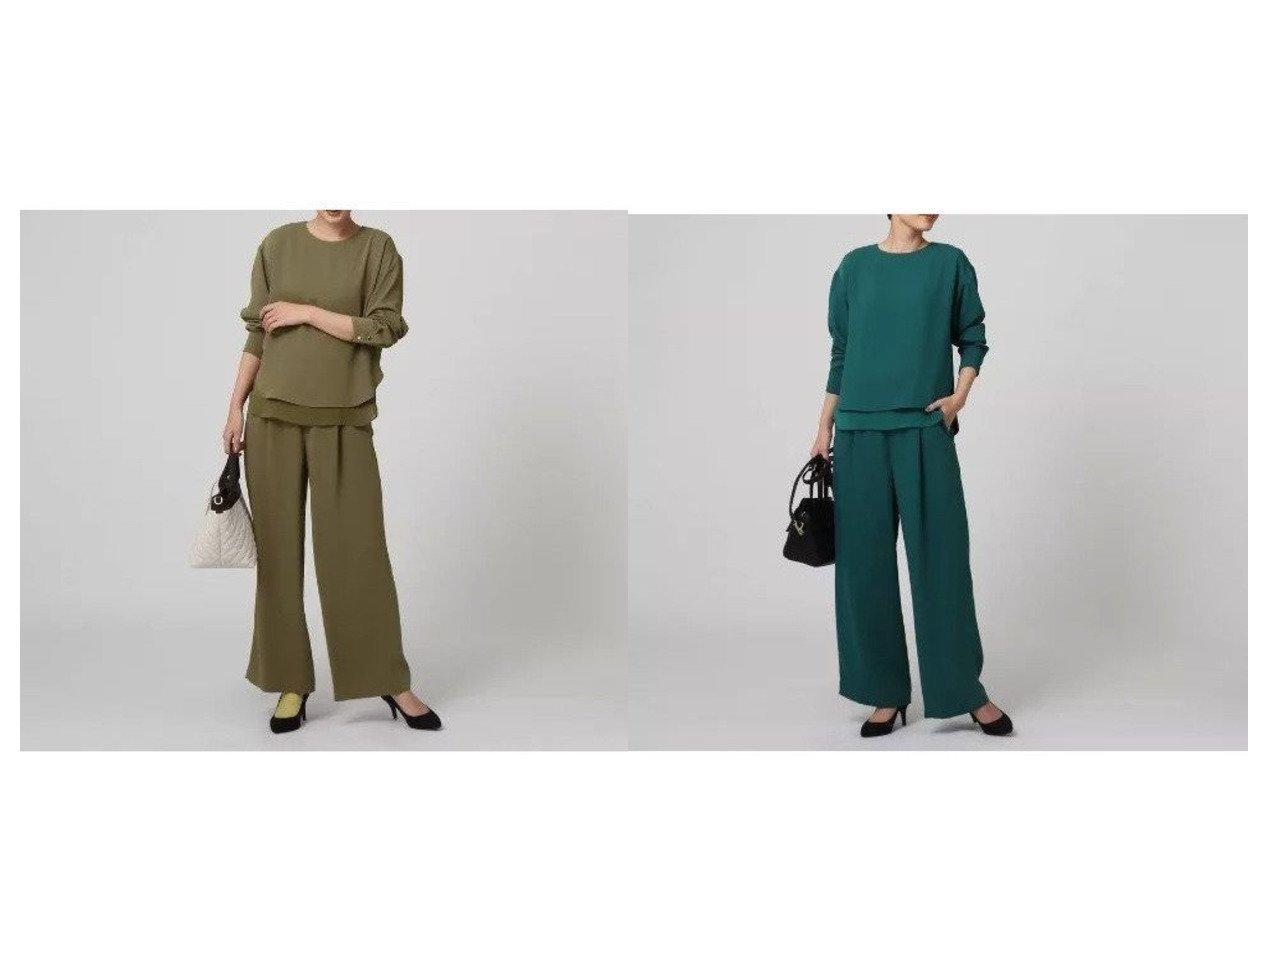 【UNTITLED/アンタイトル】のリーンラインベネ セットアップ ワンピース・ドレスのおすすめ!人気、レディースファッションの通販 おすすめで人気のファッション通販商品 インテリア・家具・キッズファッション・メンズファッション・レディースファッション・服の通販 founy(ファニー) https://founy.com/ ファッション Fashion レディース WOMEN セットアップ Setup シンプル ストレート セットアップ ワイド |ID:crp329100000002487